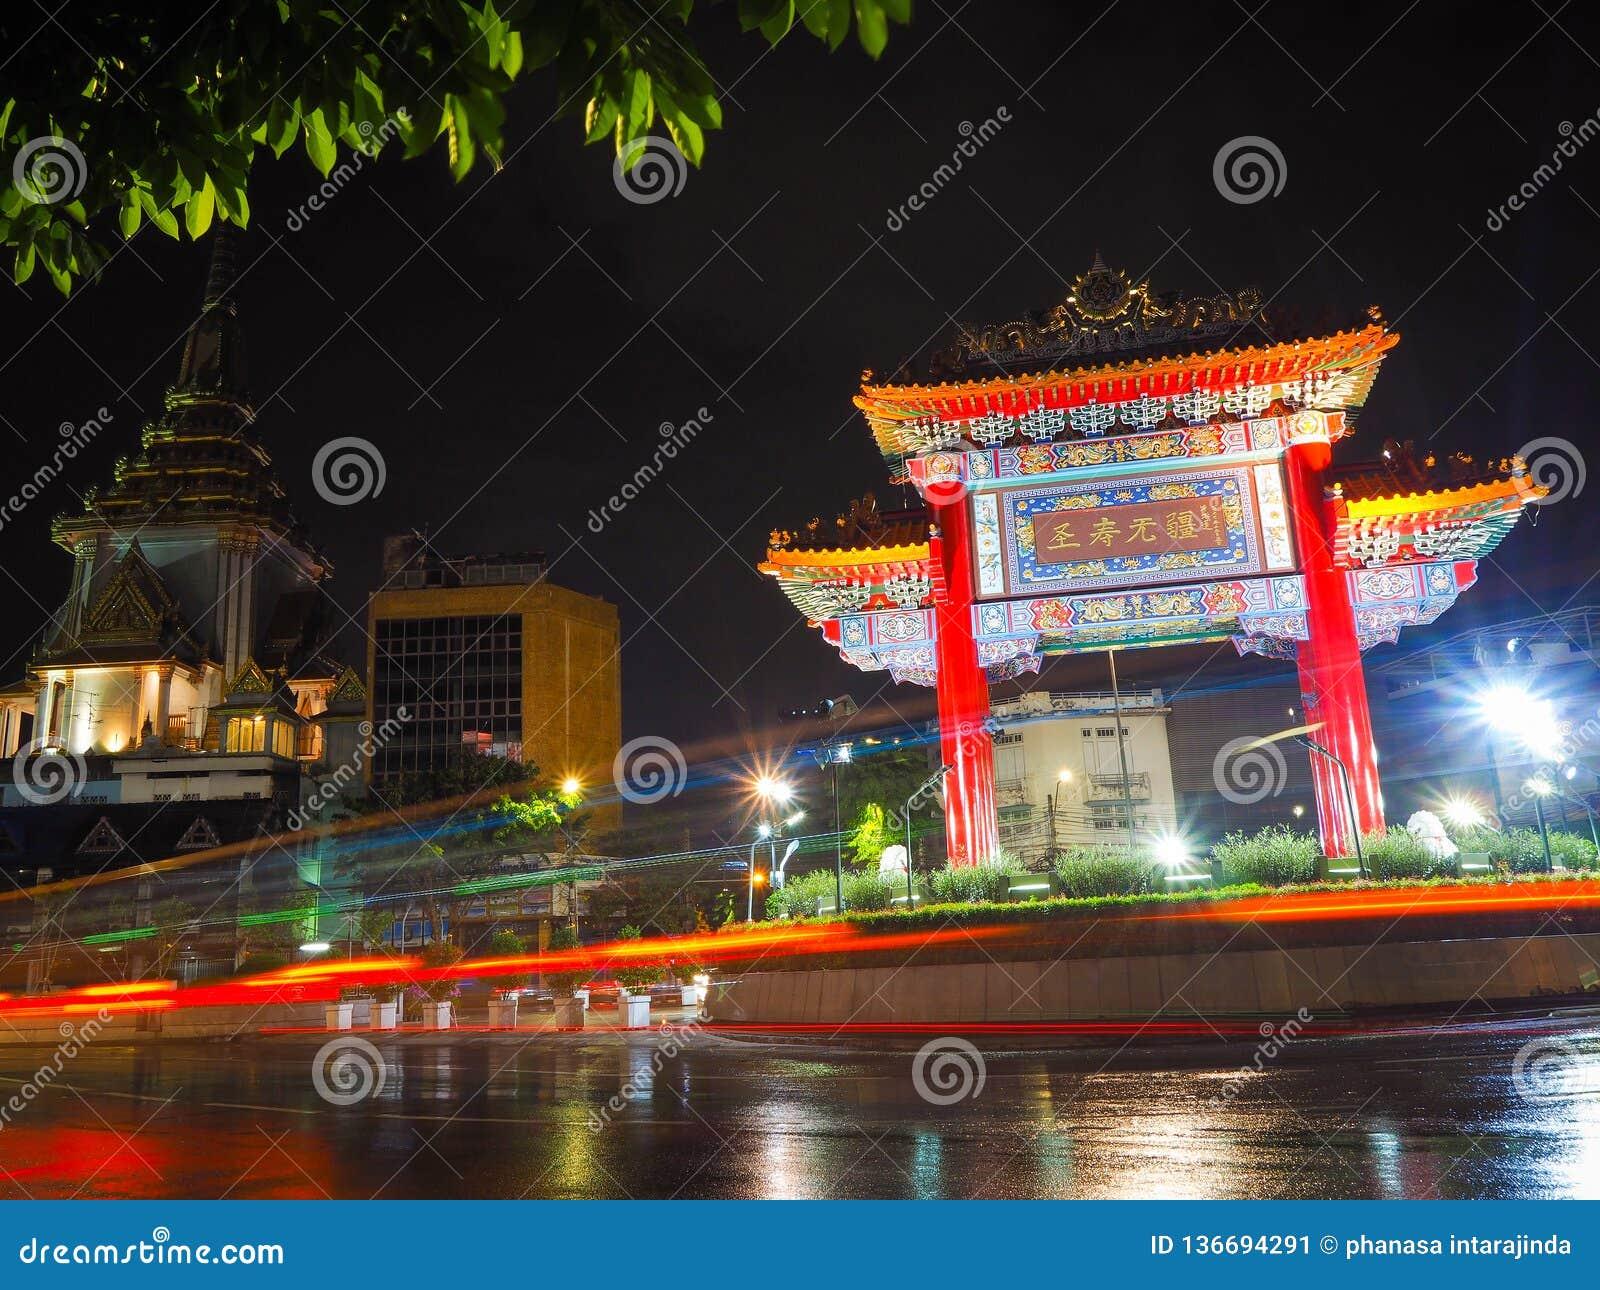 Círculo rápido de Odeon del paso del coche cerca de la ciudad de China en Tailandia Coche ligero de mudanza